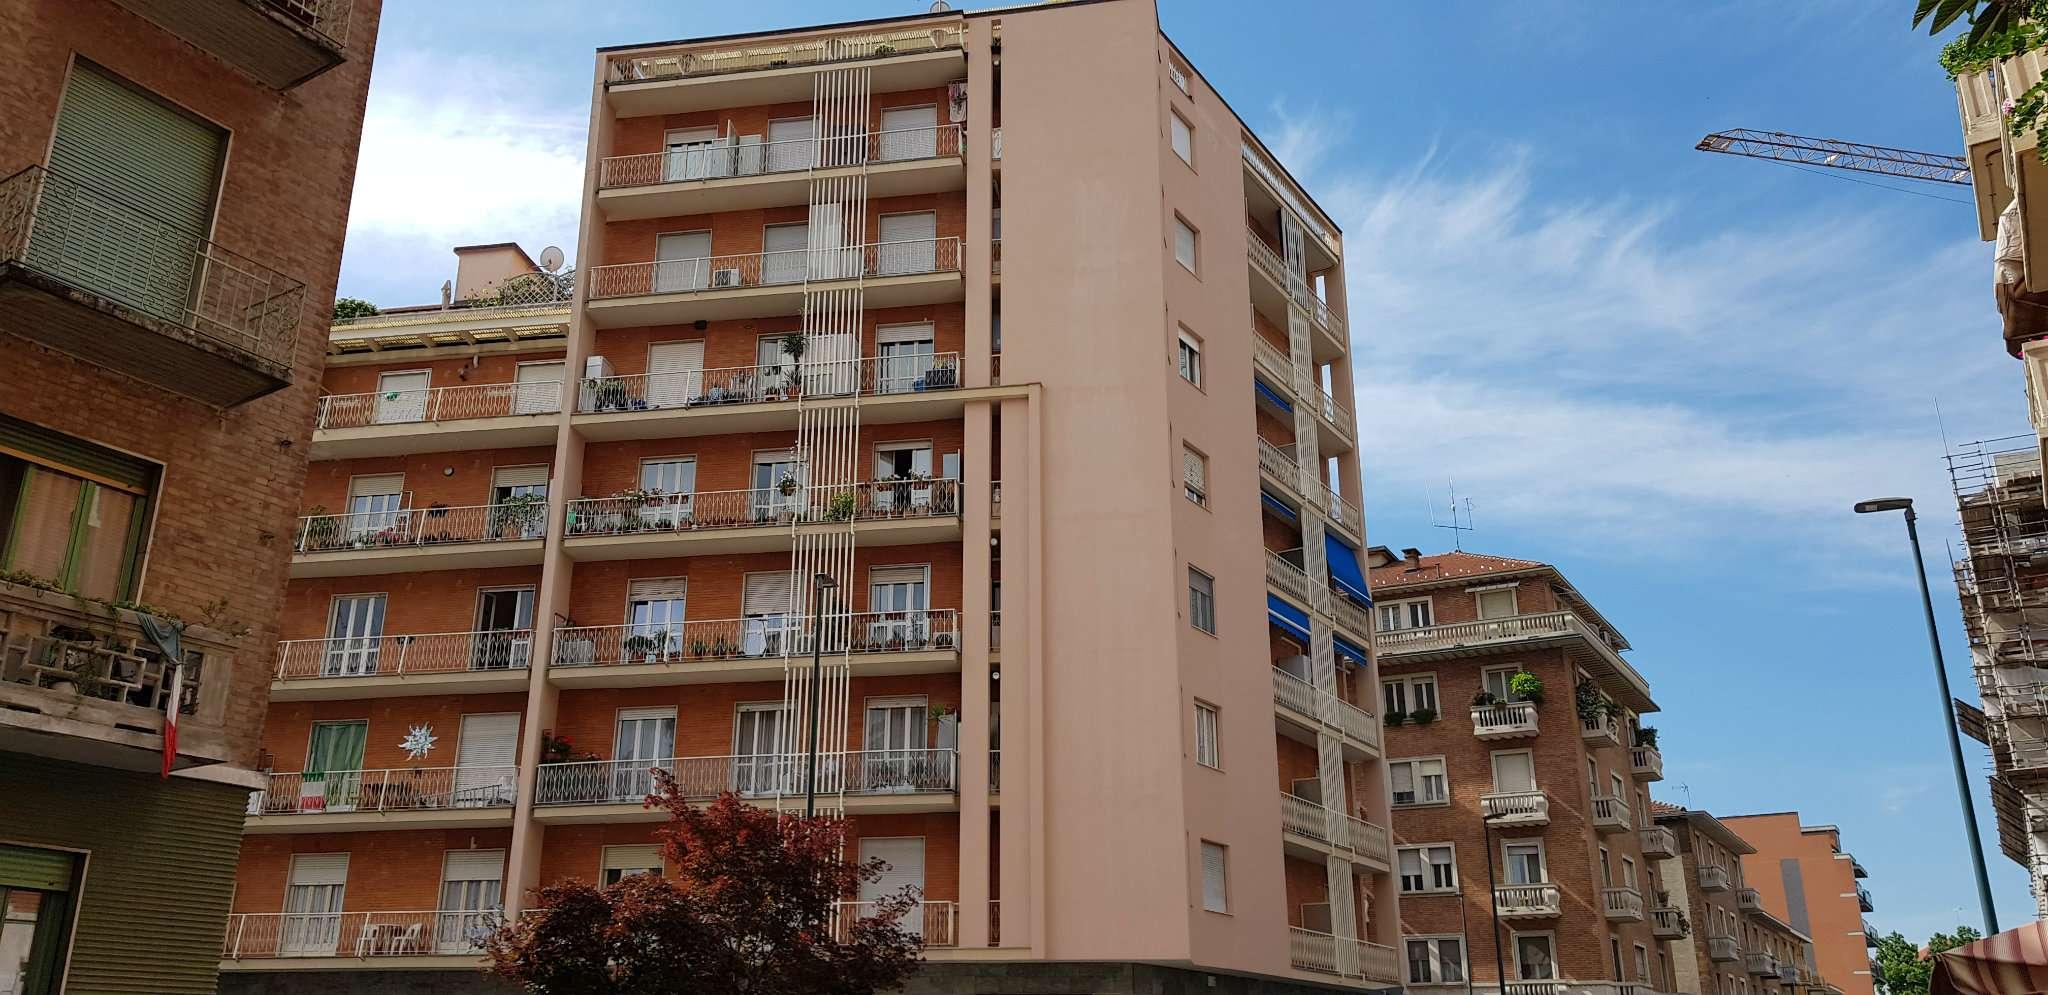 Vendita - Appartamento - Torino - PARELLA VIA CARRERA PRESSI TELESIO TRILOCALE EURO 110.000